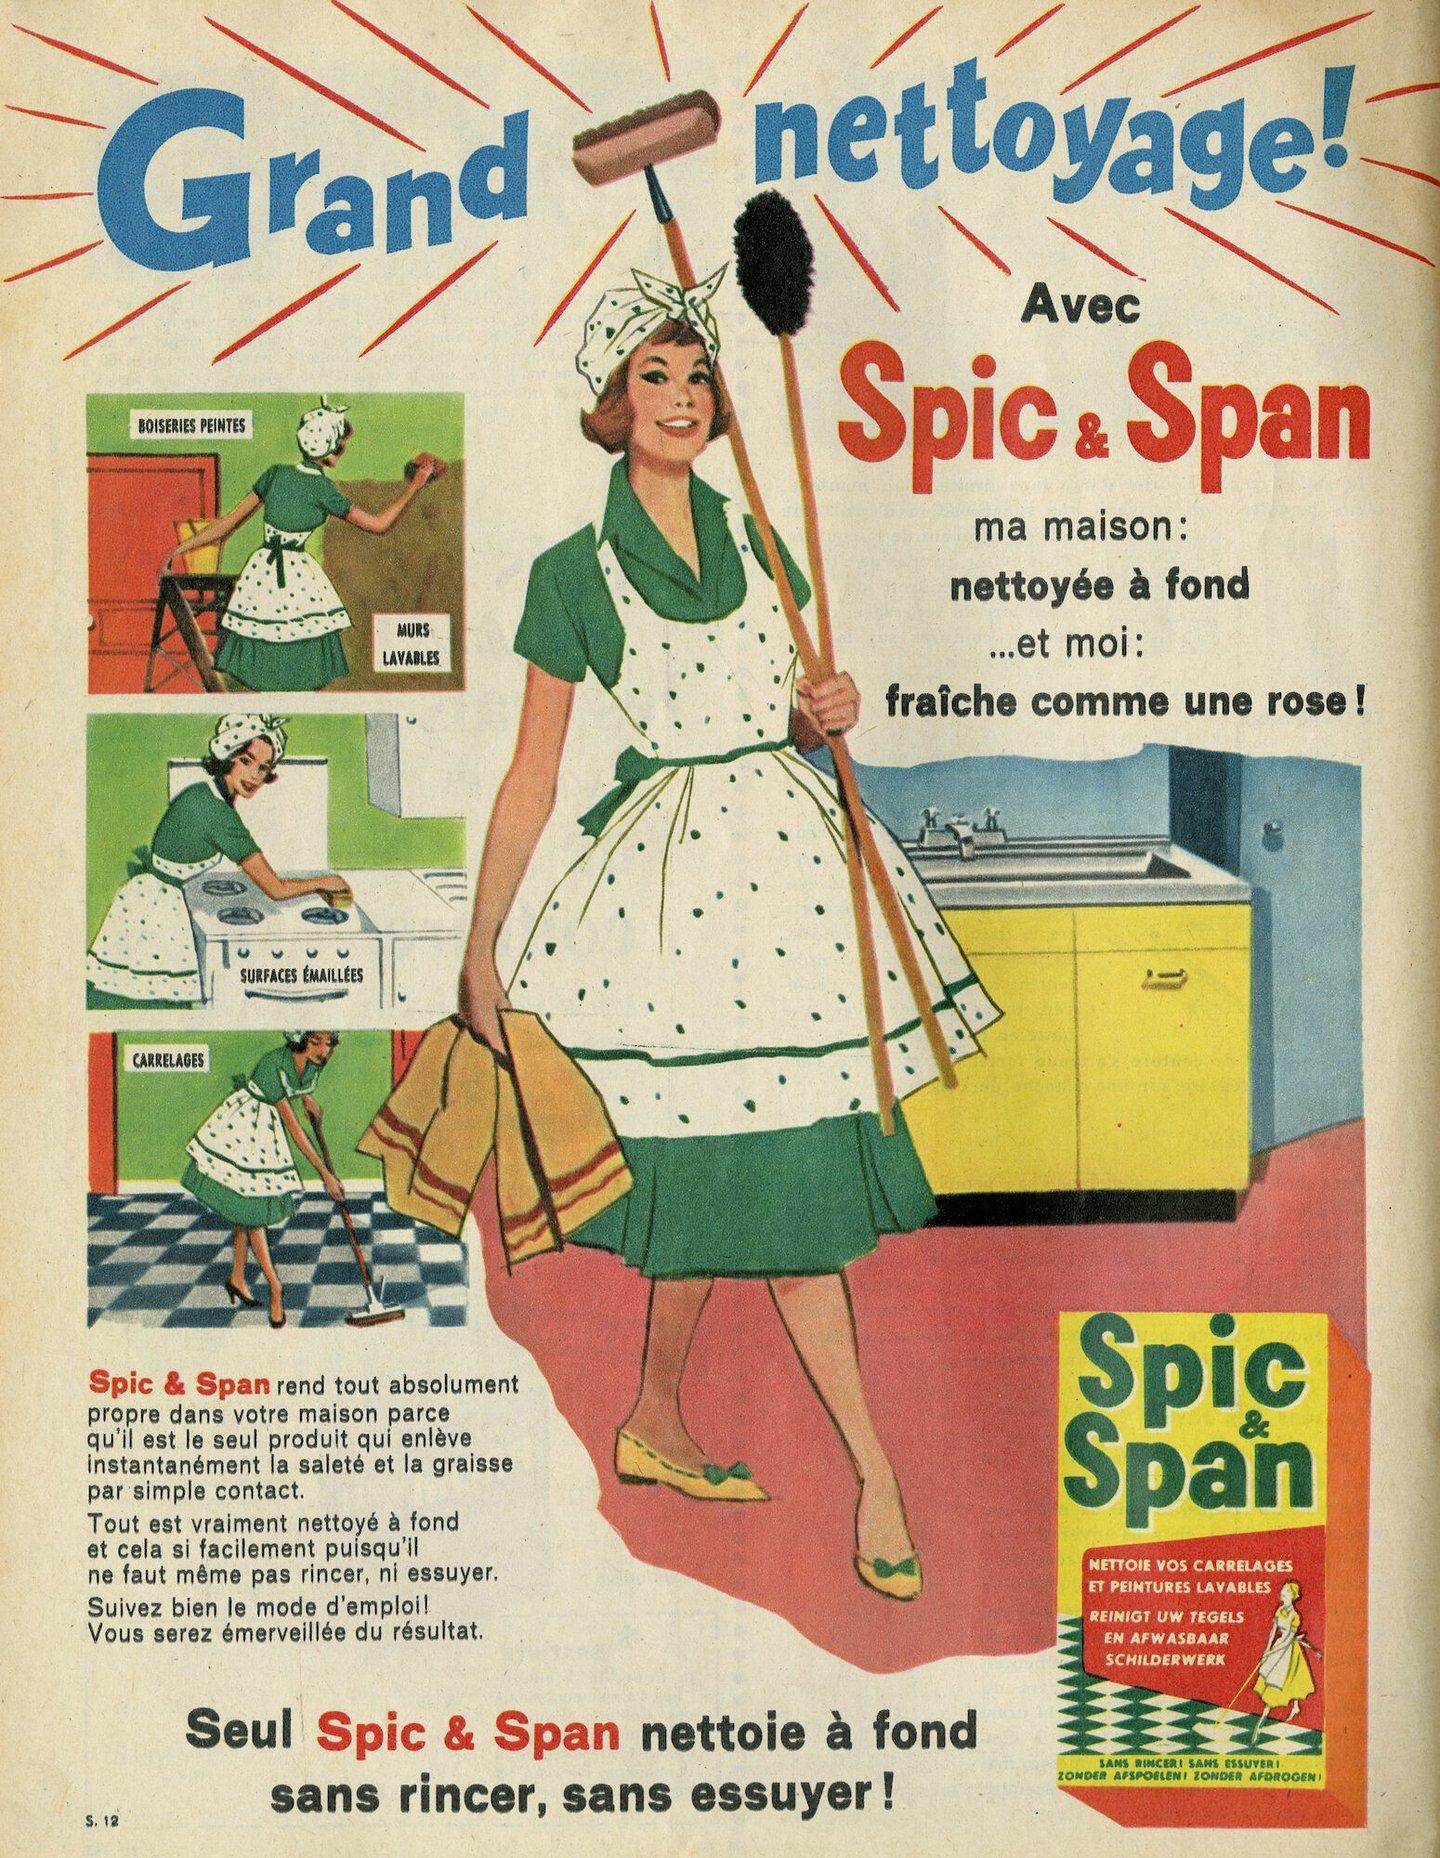 Reclame voor schoonmaakmiddel van het merk Spic & Span